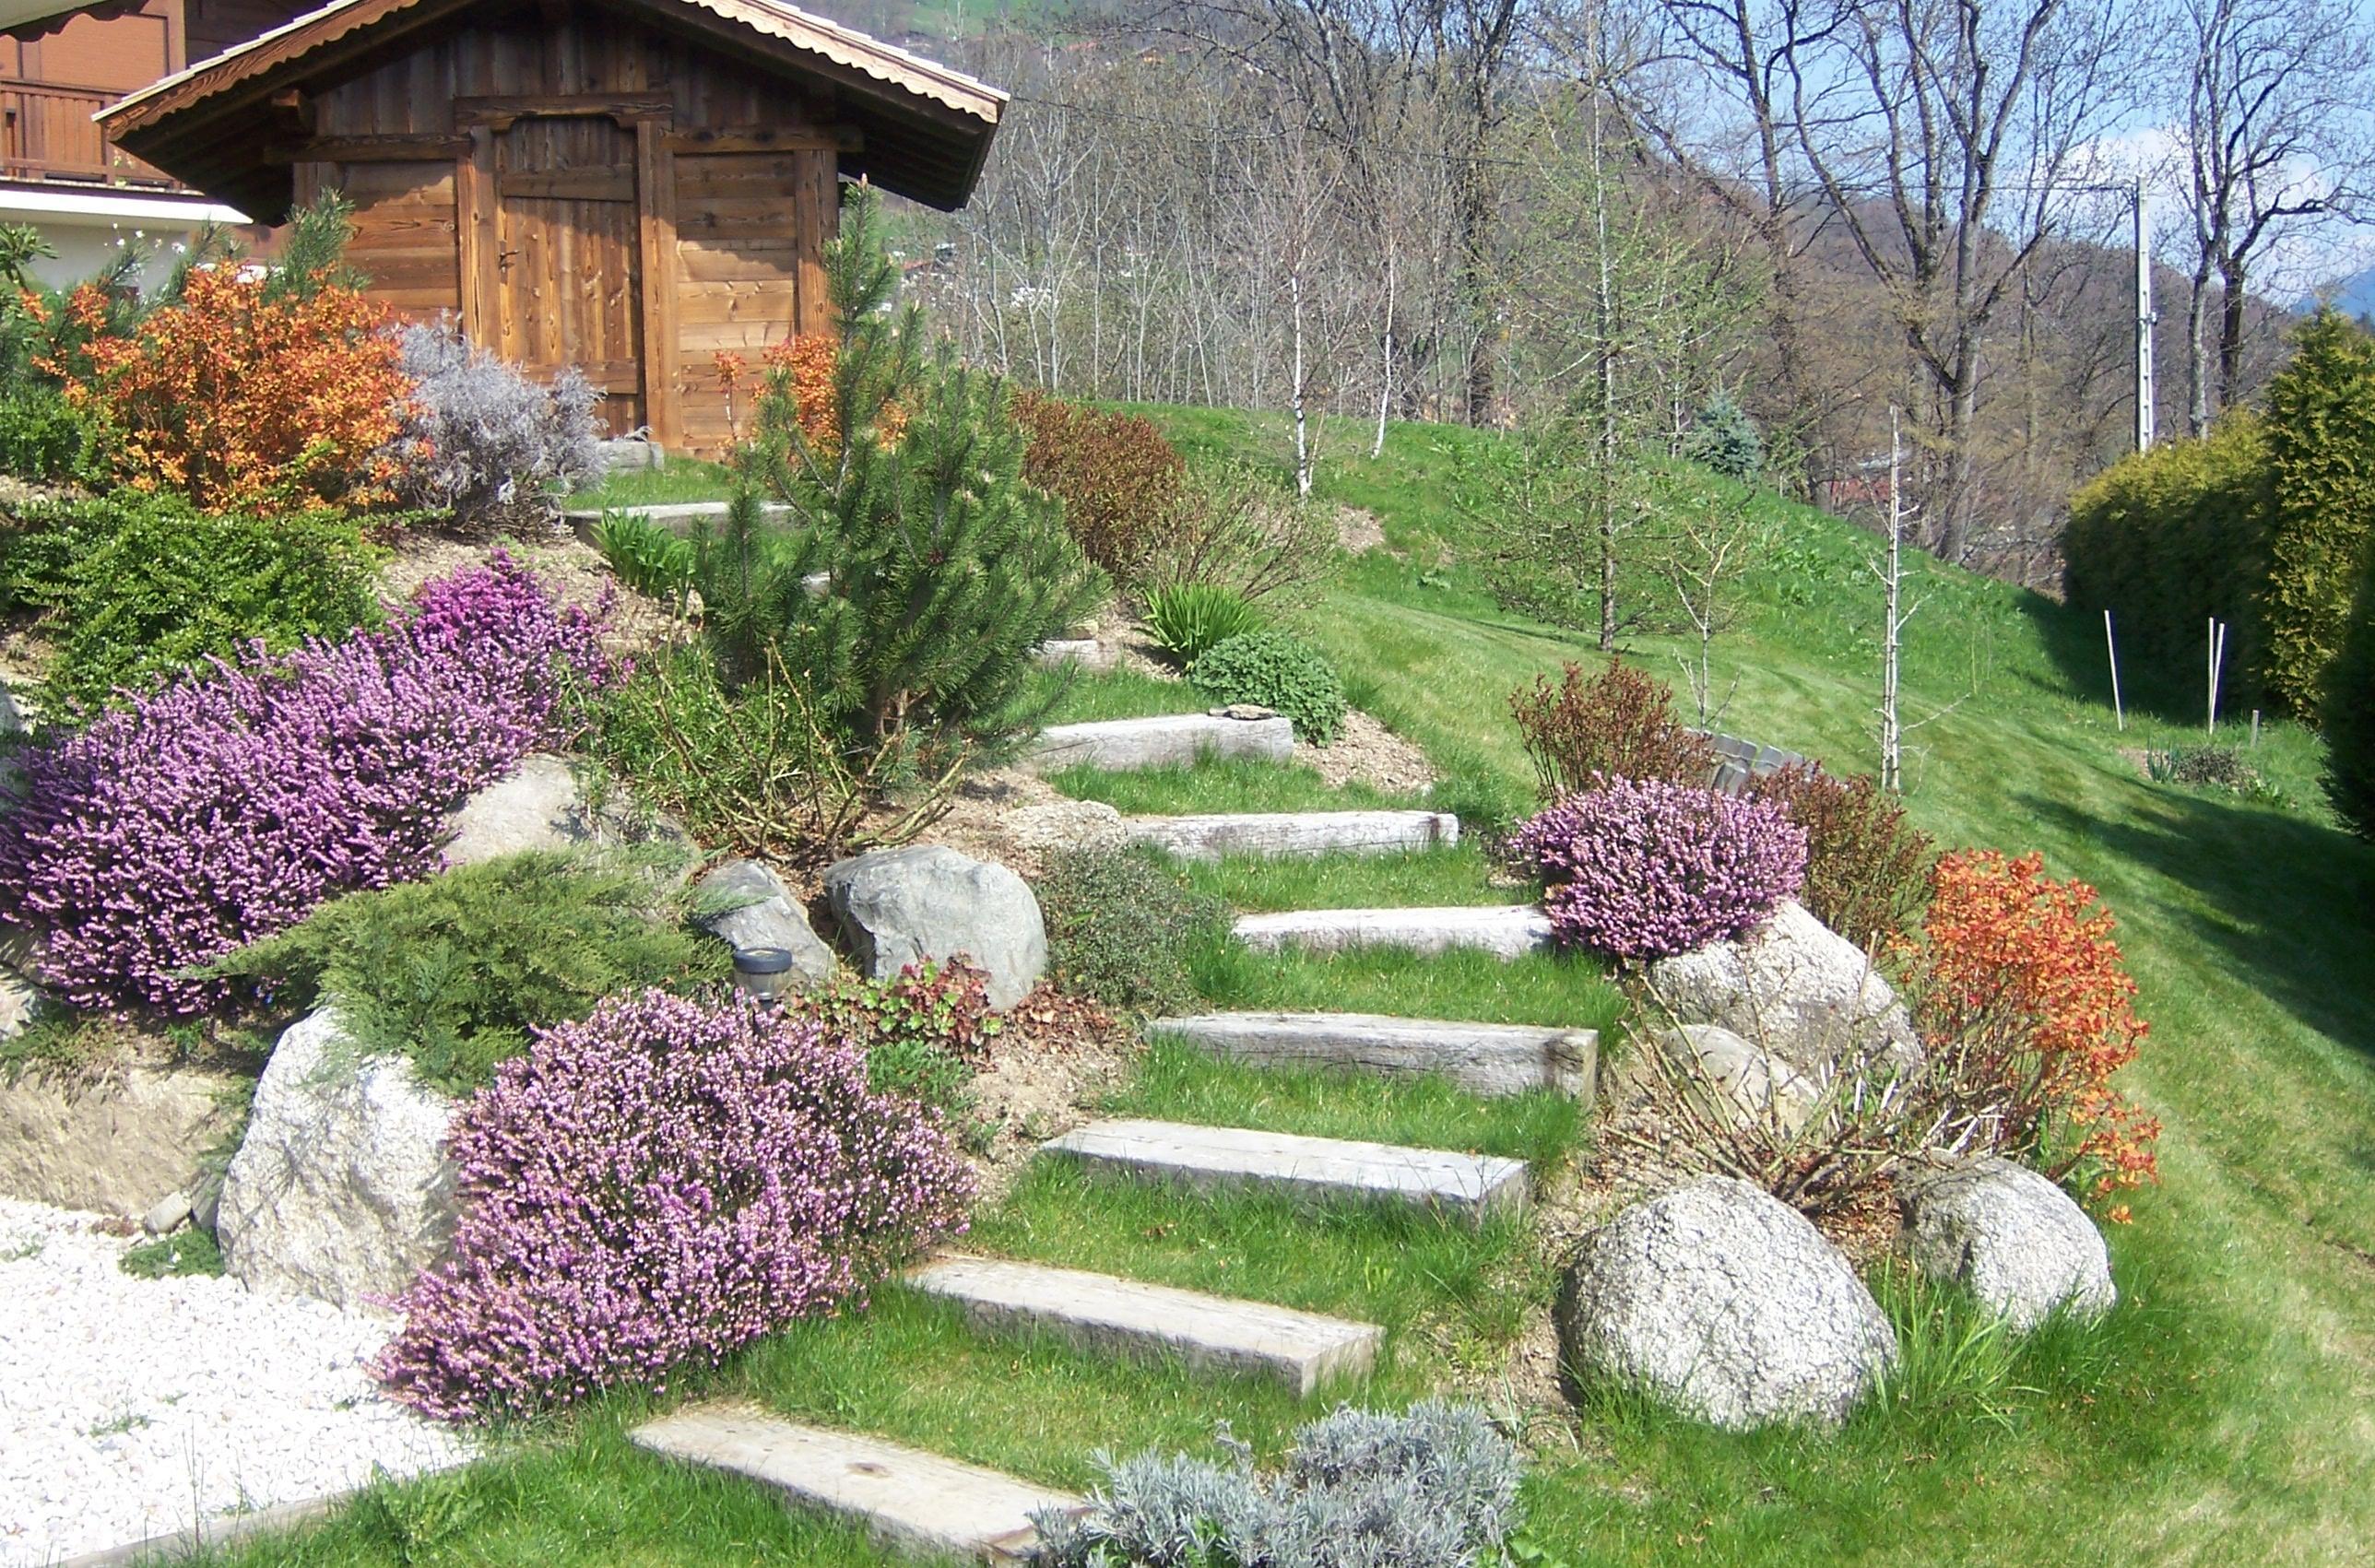 Идея оформления лестницы в саду